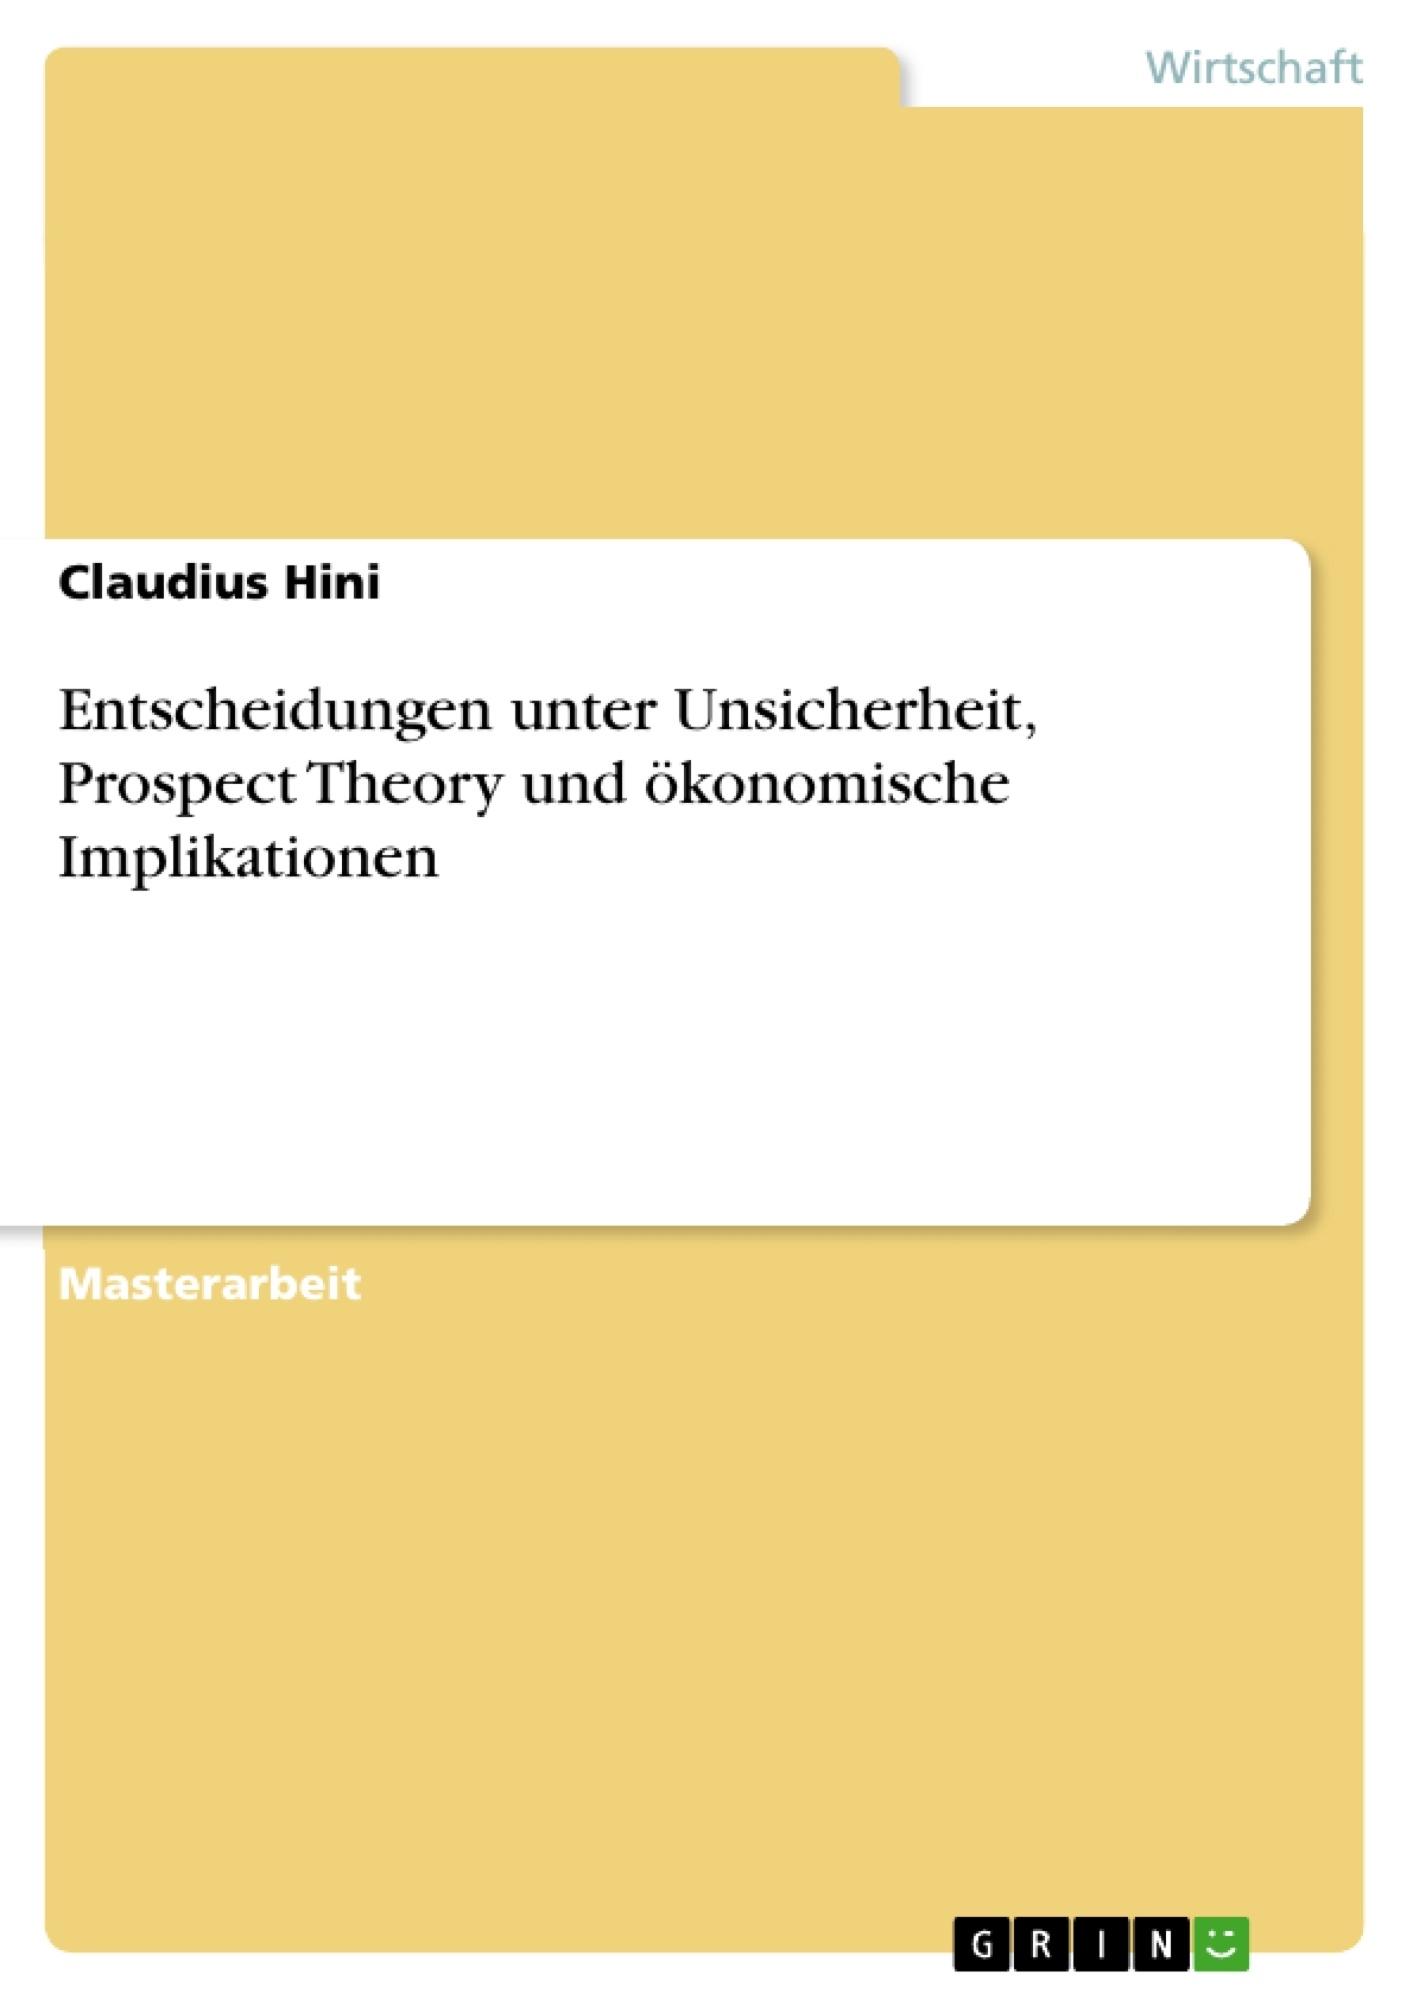 Titel: Entscheidungen unter Unsicherheit, Prospect Theory und ökonomische Implikationen